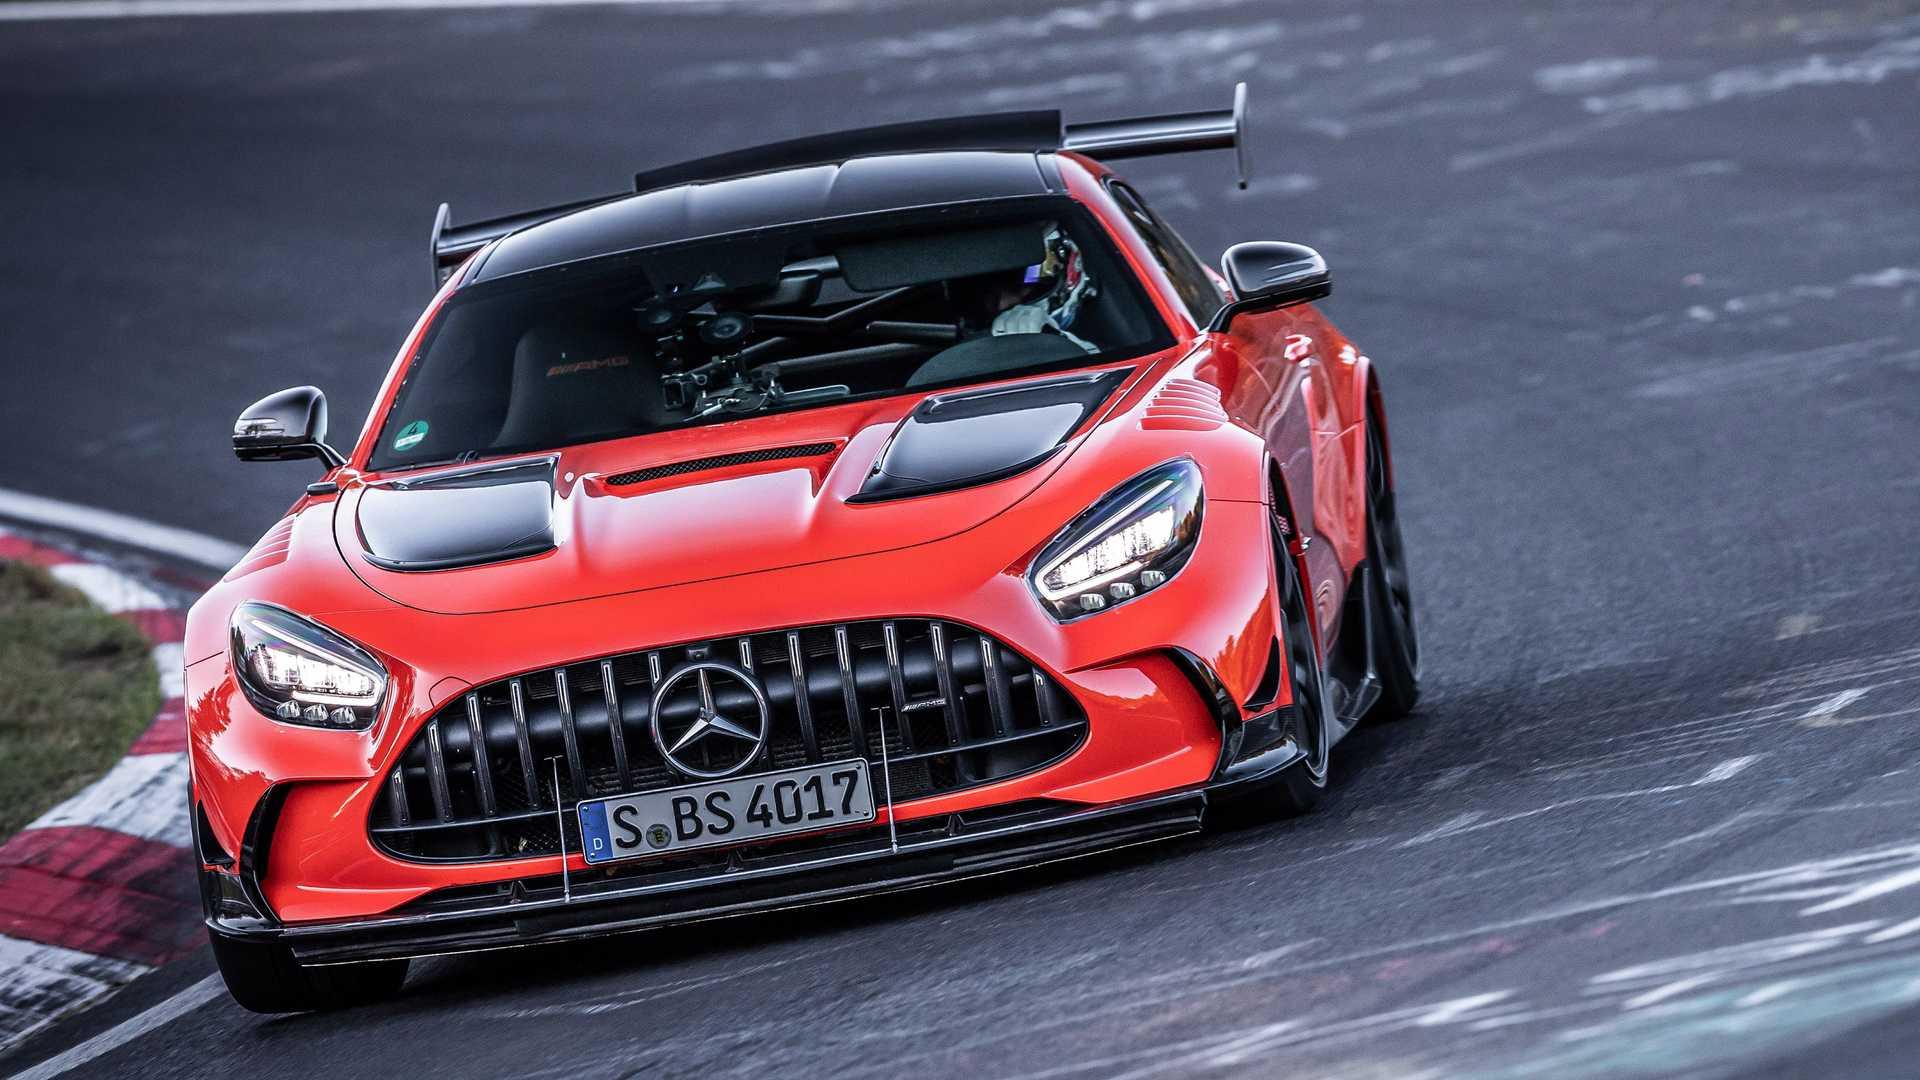 mercedes-amg-gt-black-series-nurburgring-record